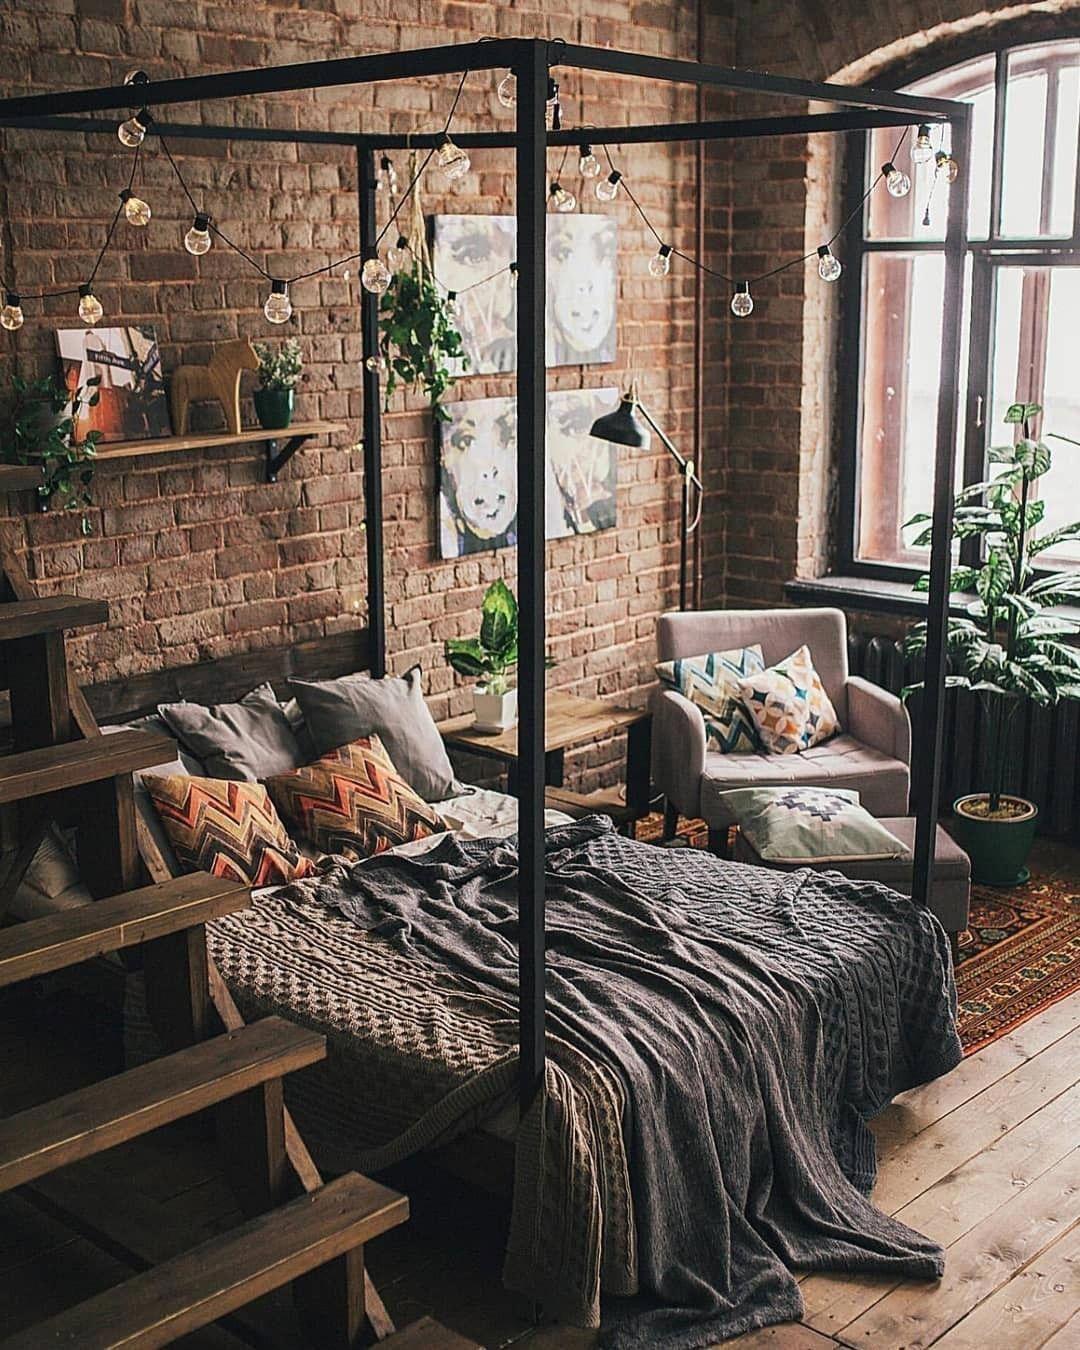 Industrial Bohemian Bedroom Design